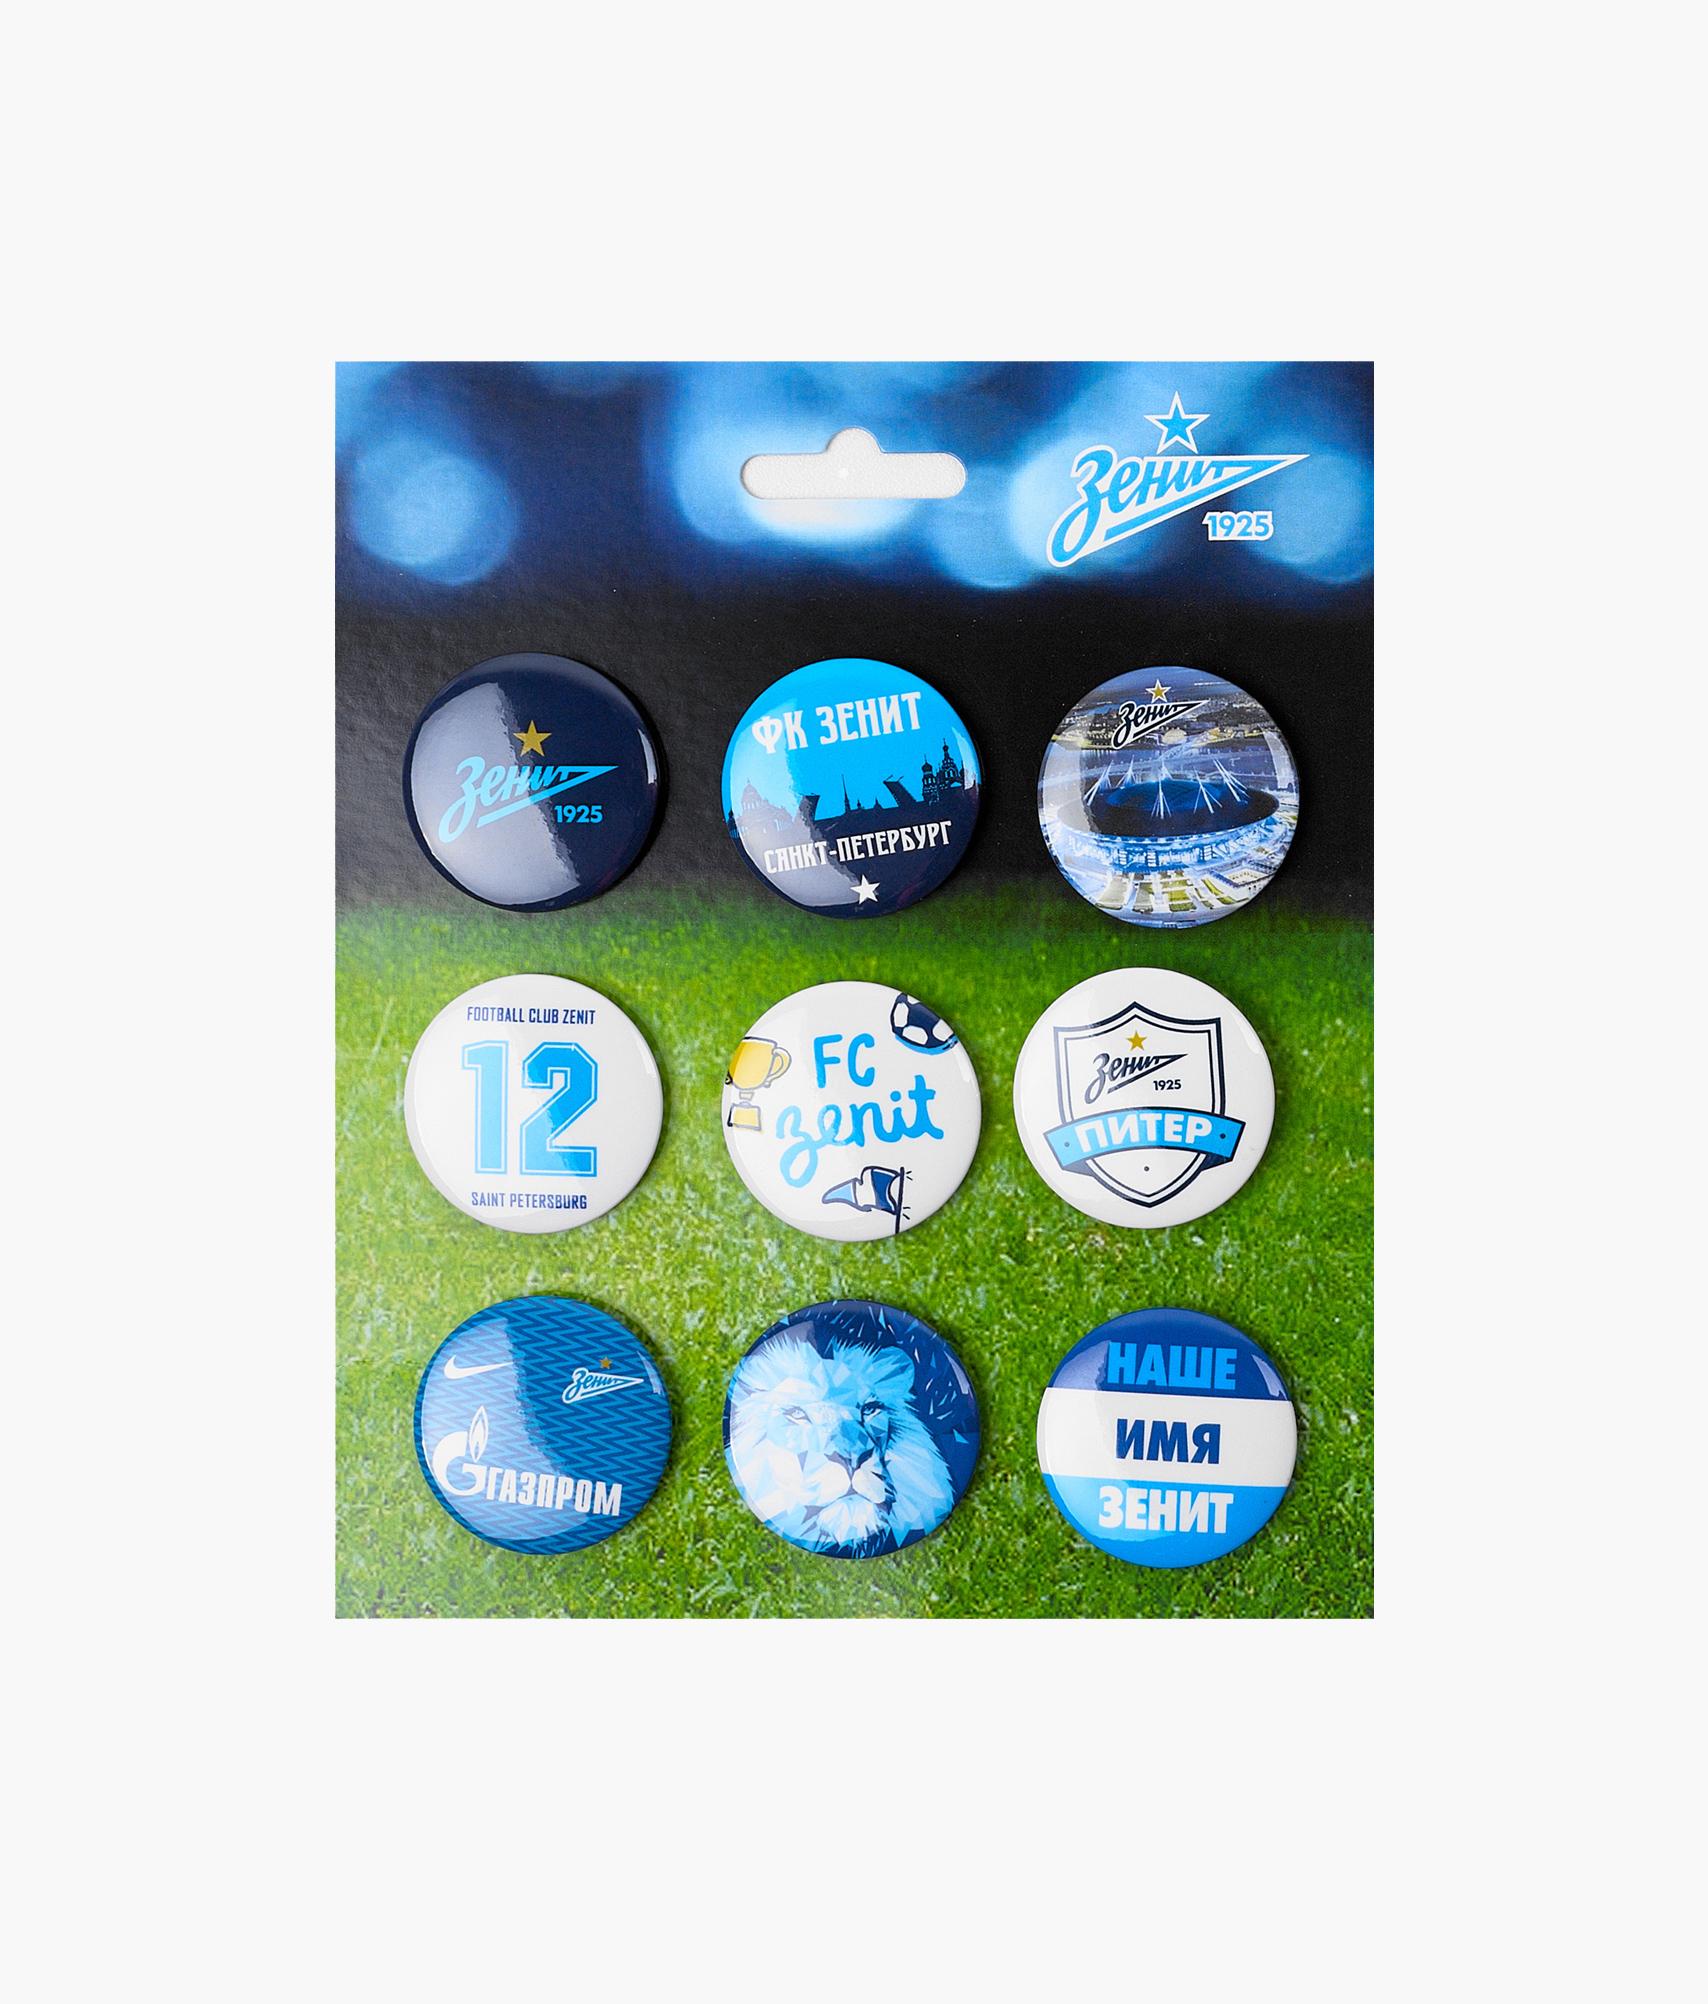 Набор закатных значков «Зенит» Зенит gernro акриловые значки для одежды буквы и кошки значки значков значков на рюкзаке